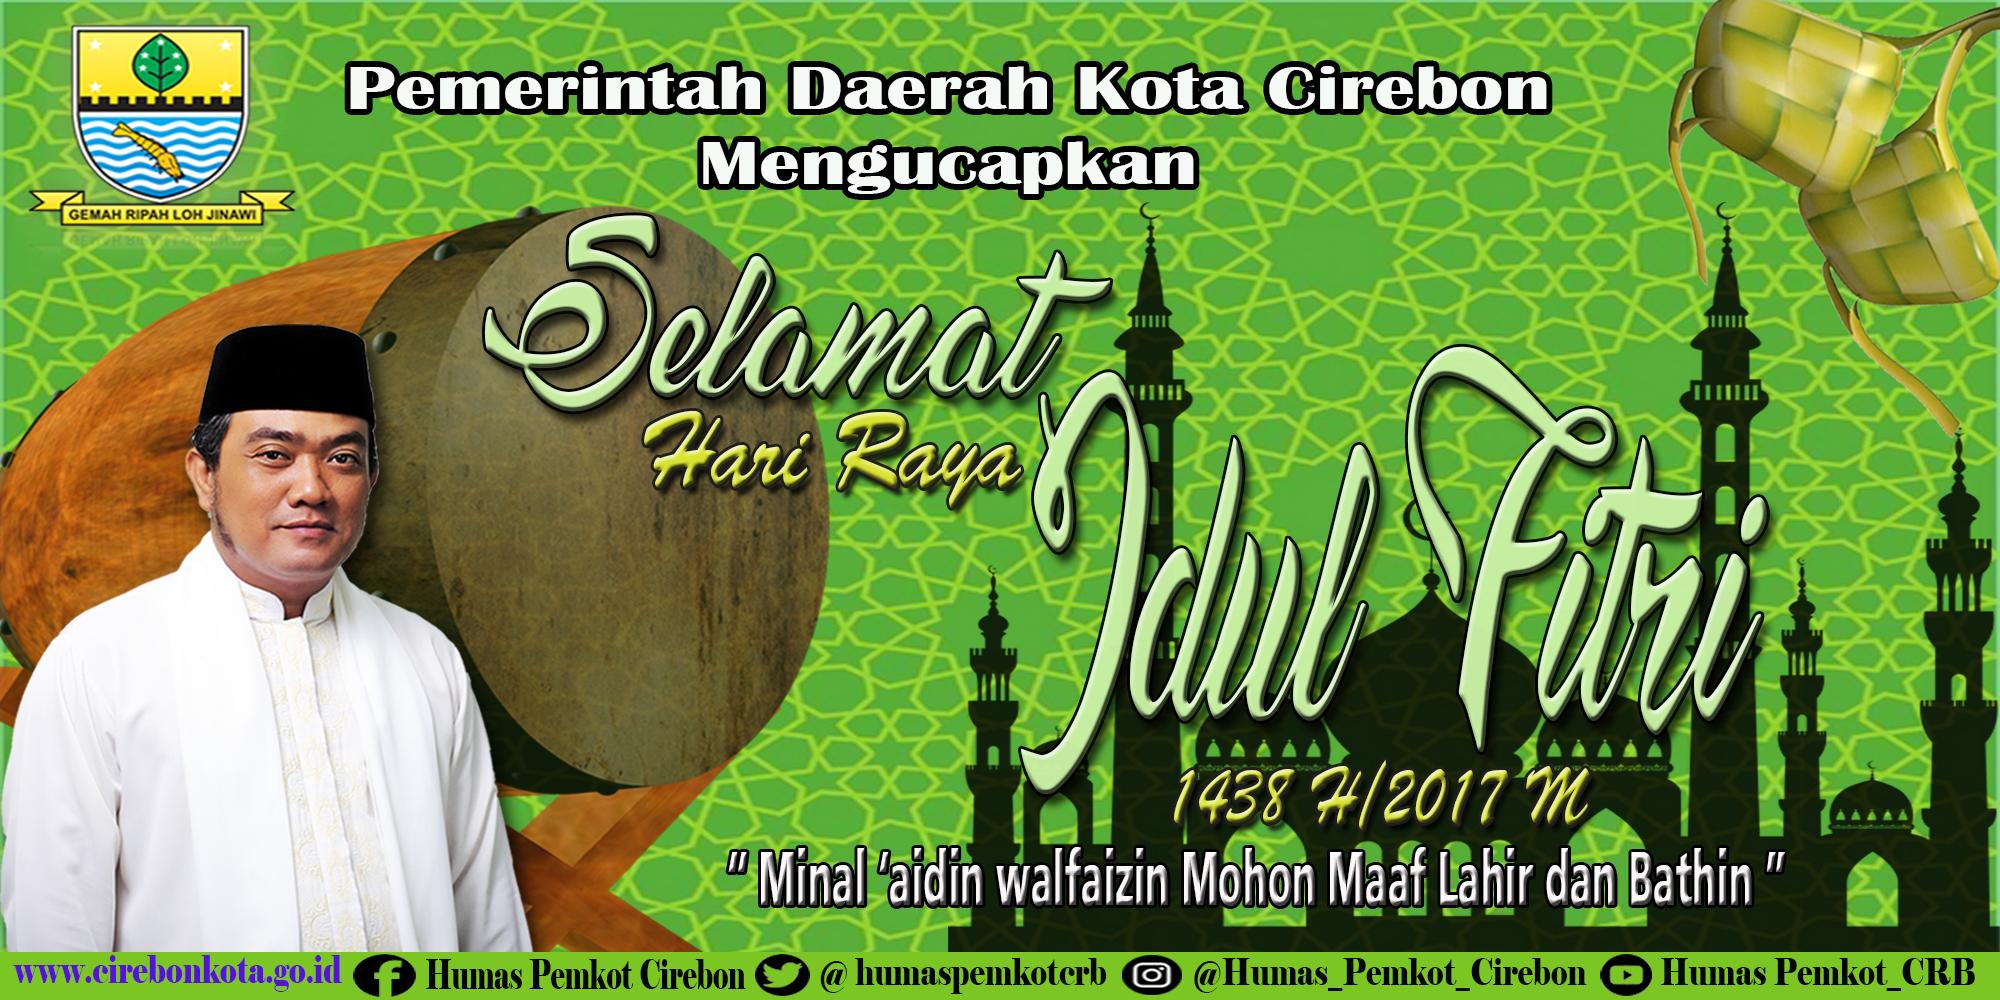 Baliho Dan Spanduk Idul Fitri